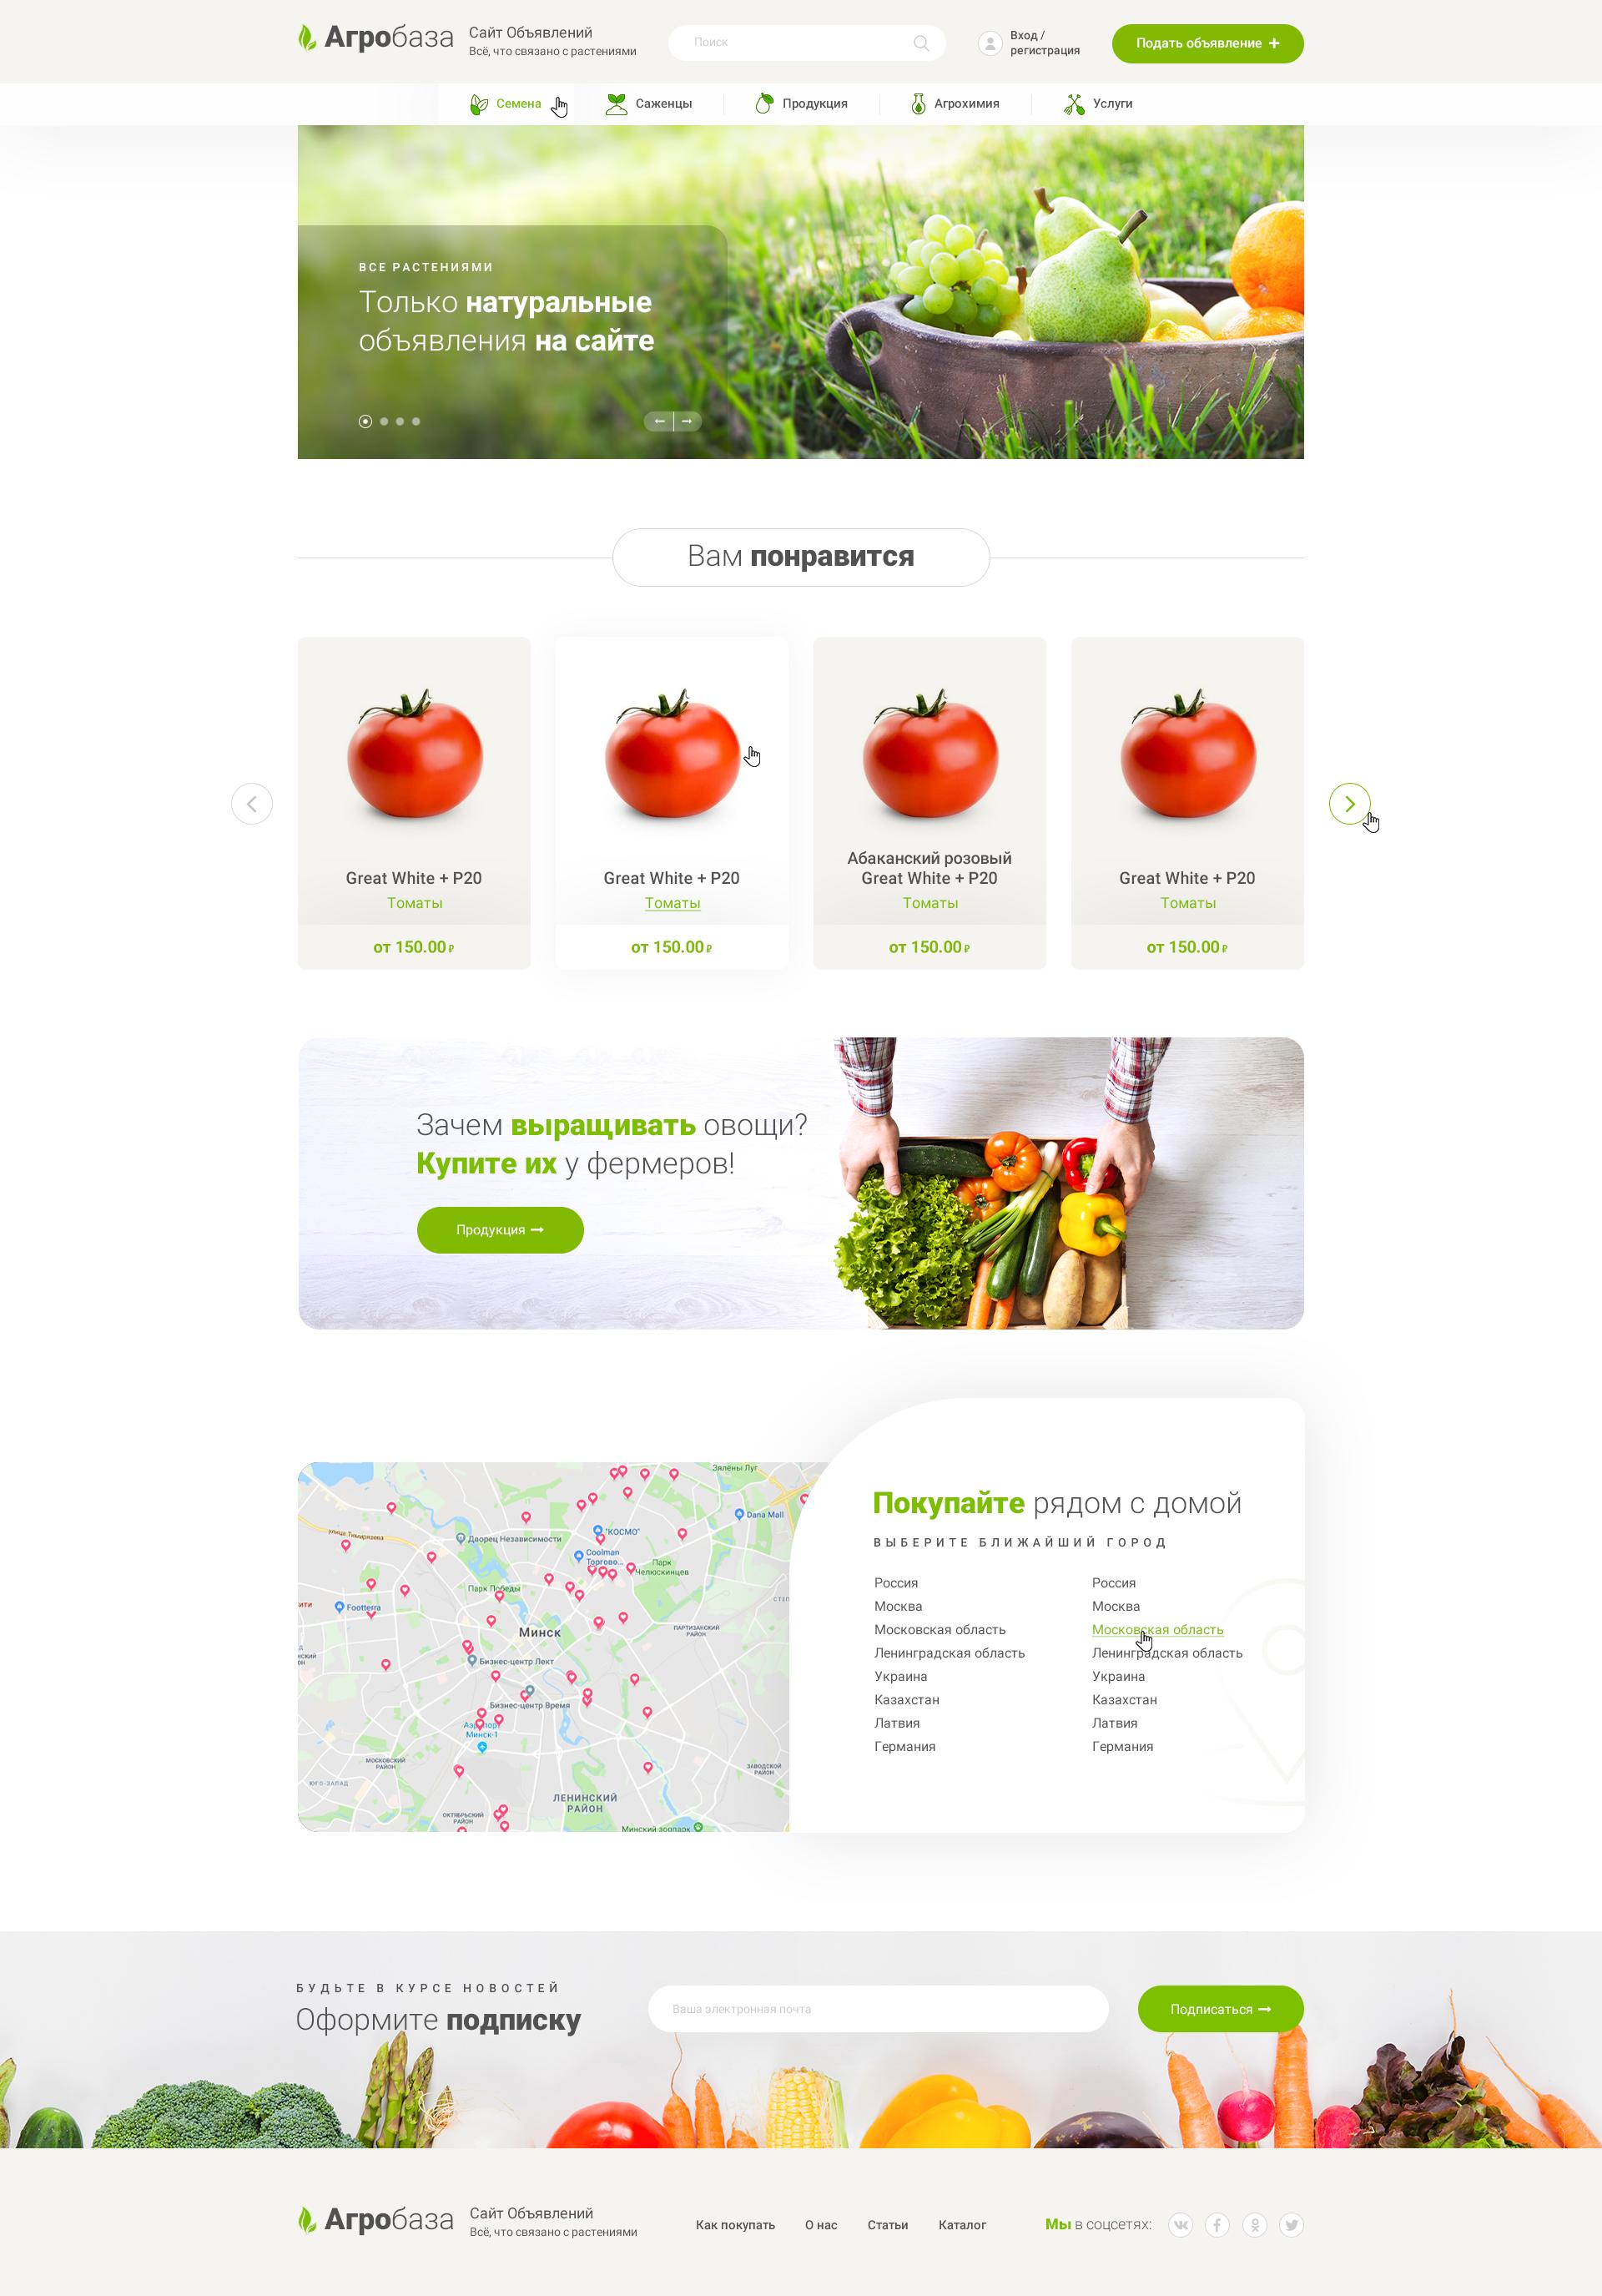 Сайт / Агробаза — объявления для продажи растений